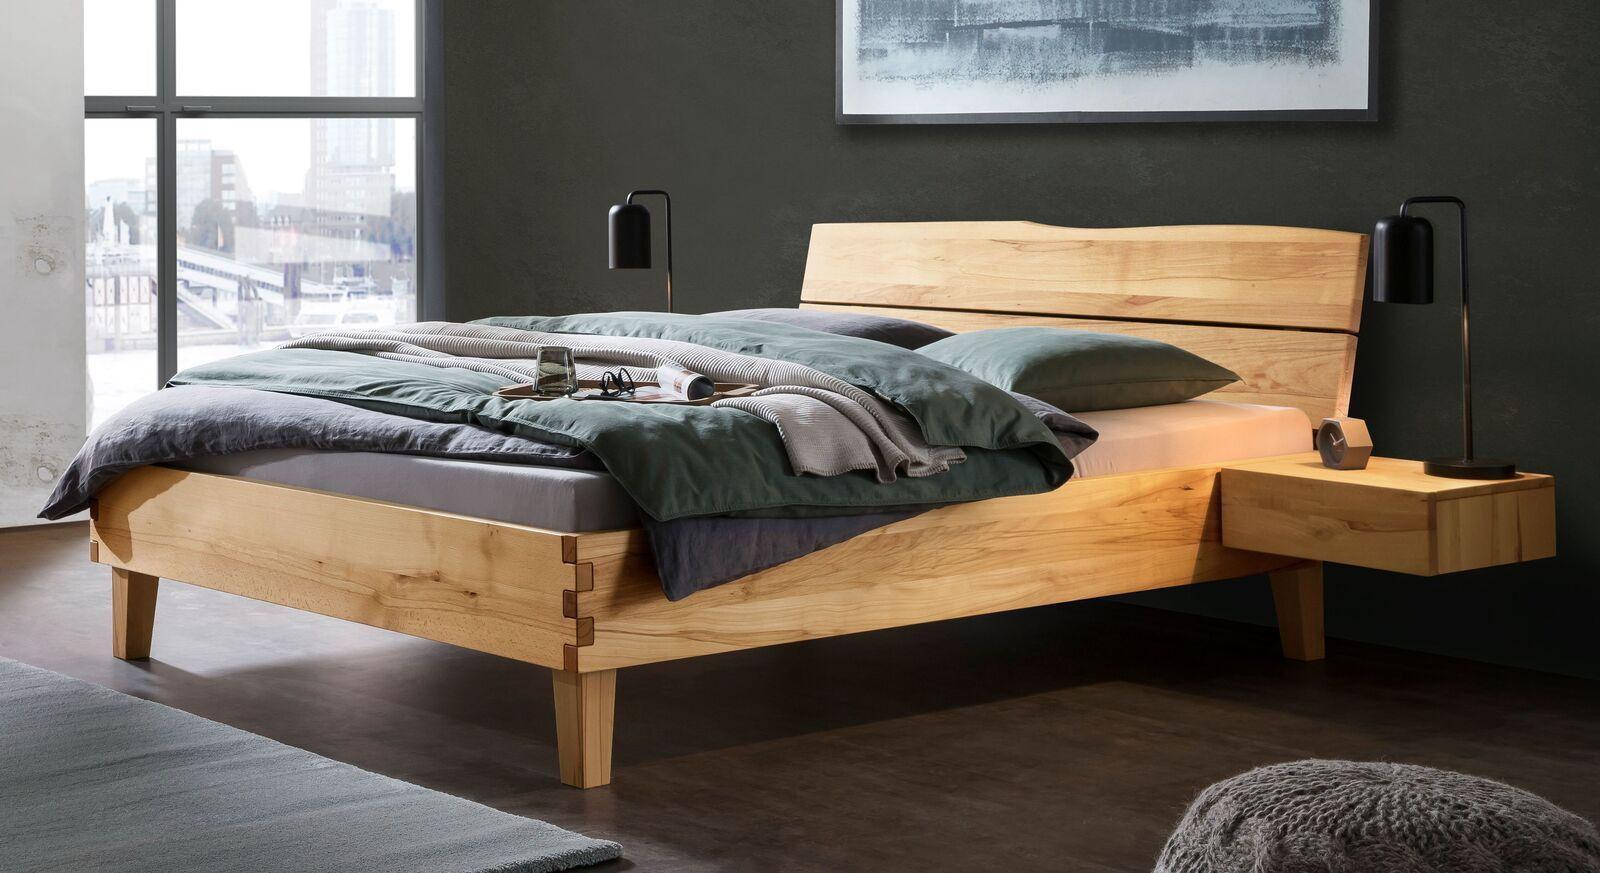 Bett Maseru aus natürlichem Wildbuche-Massivholz